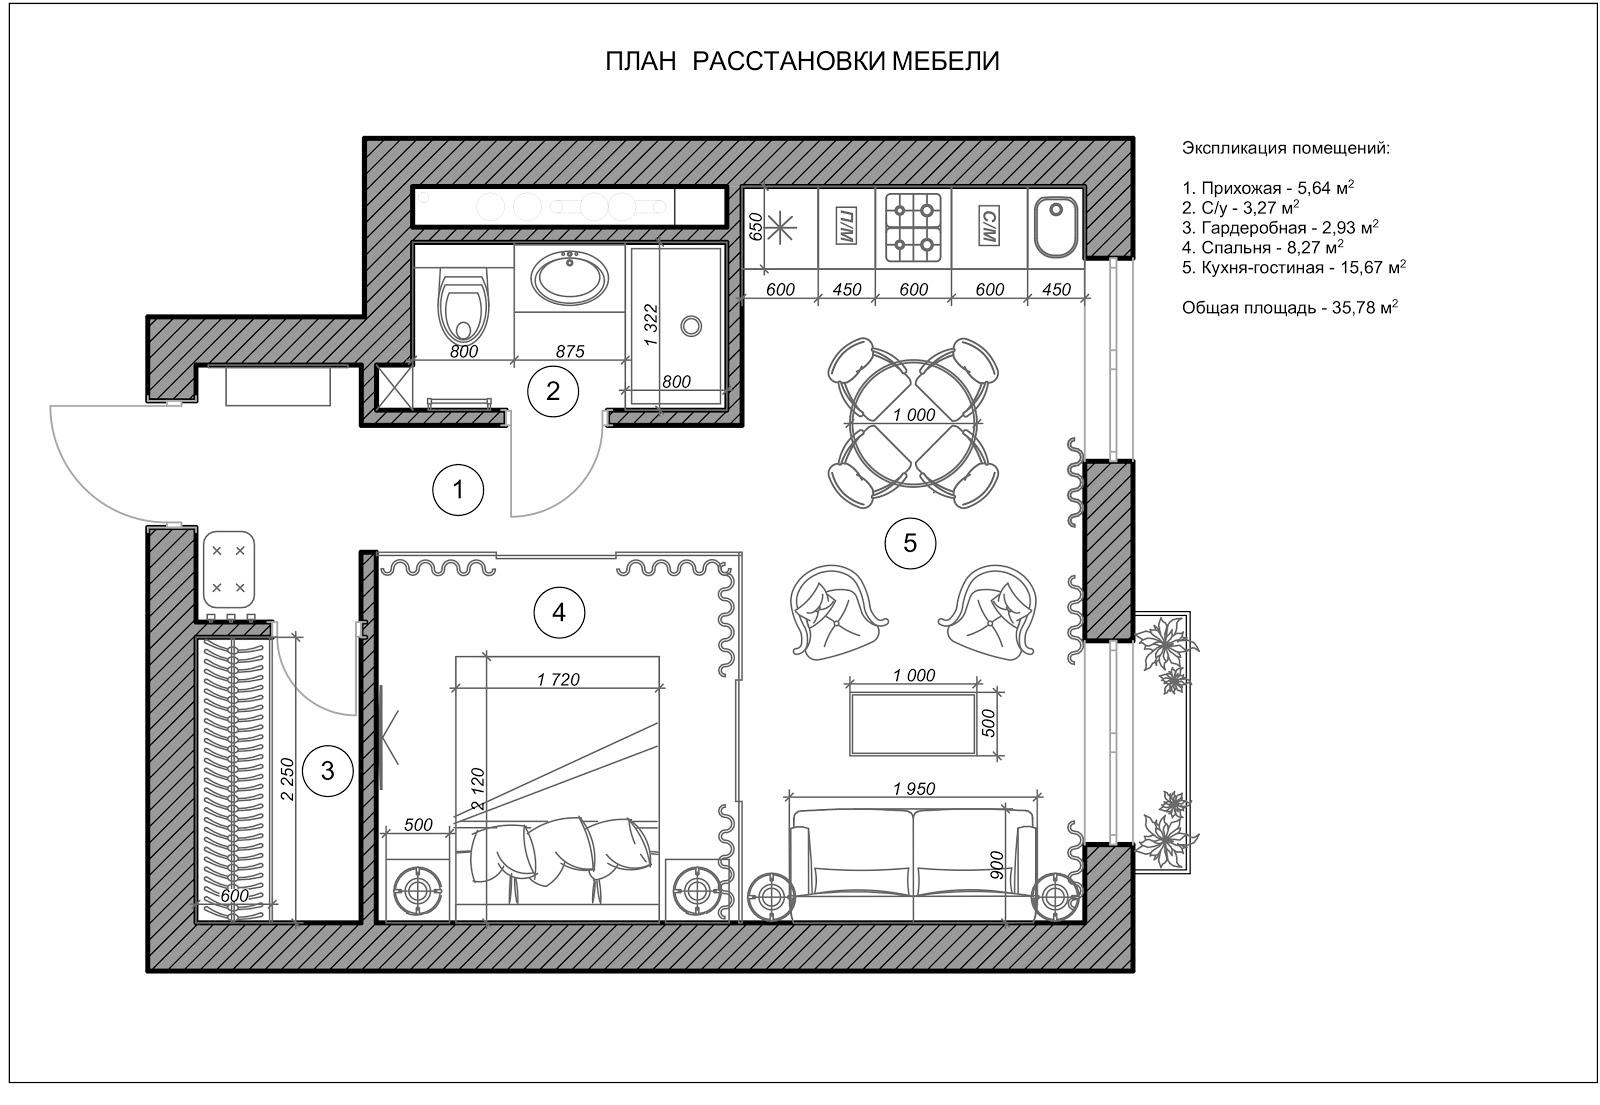 Схема размещения мебели в кабинете